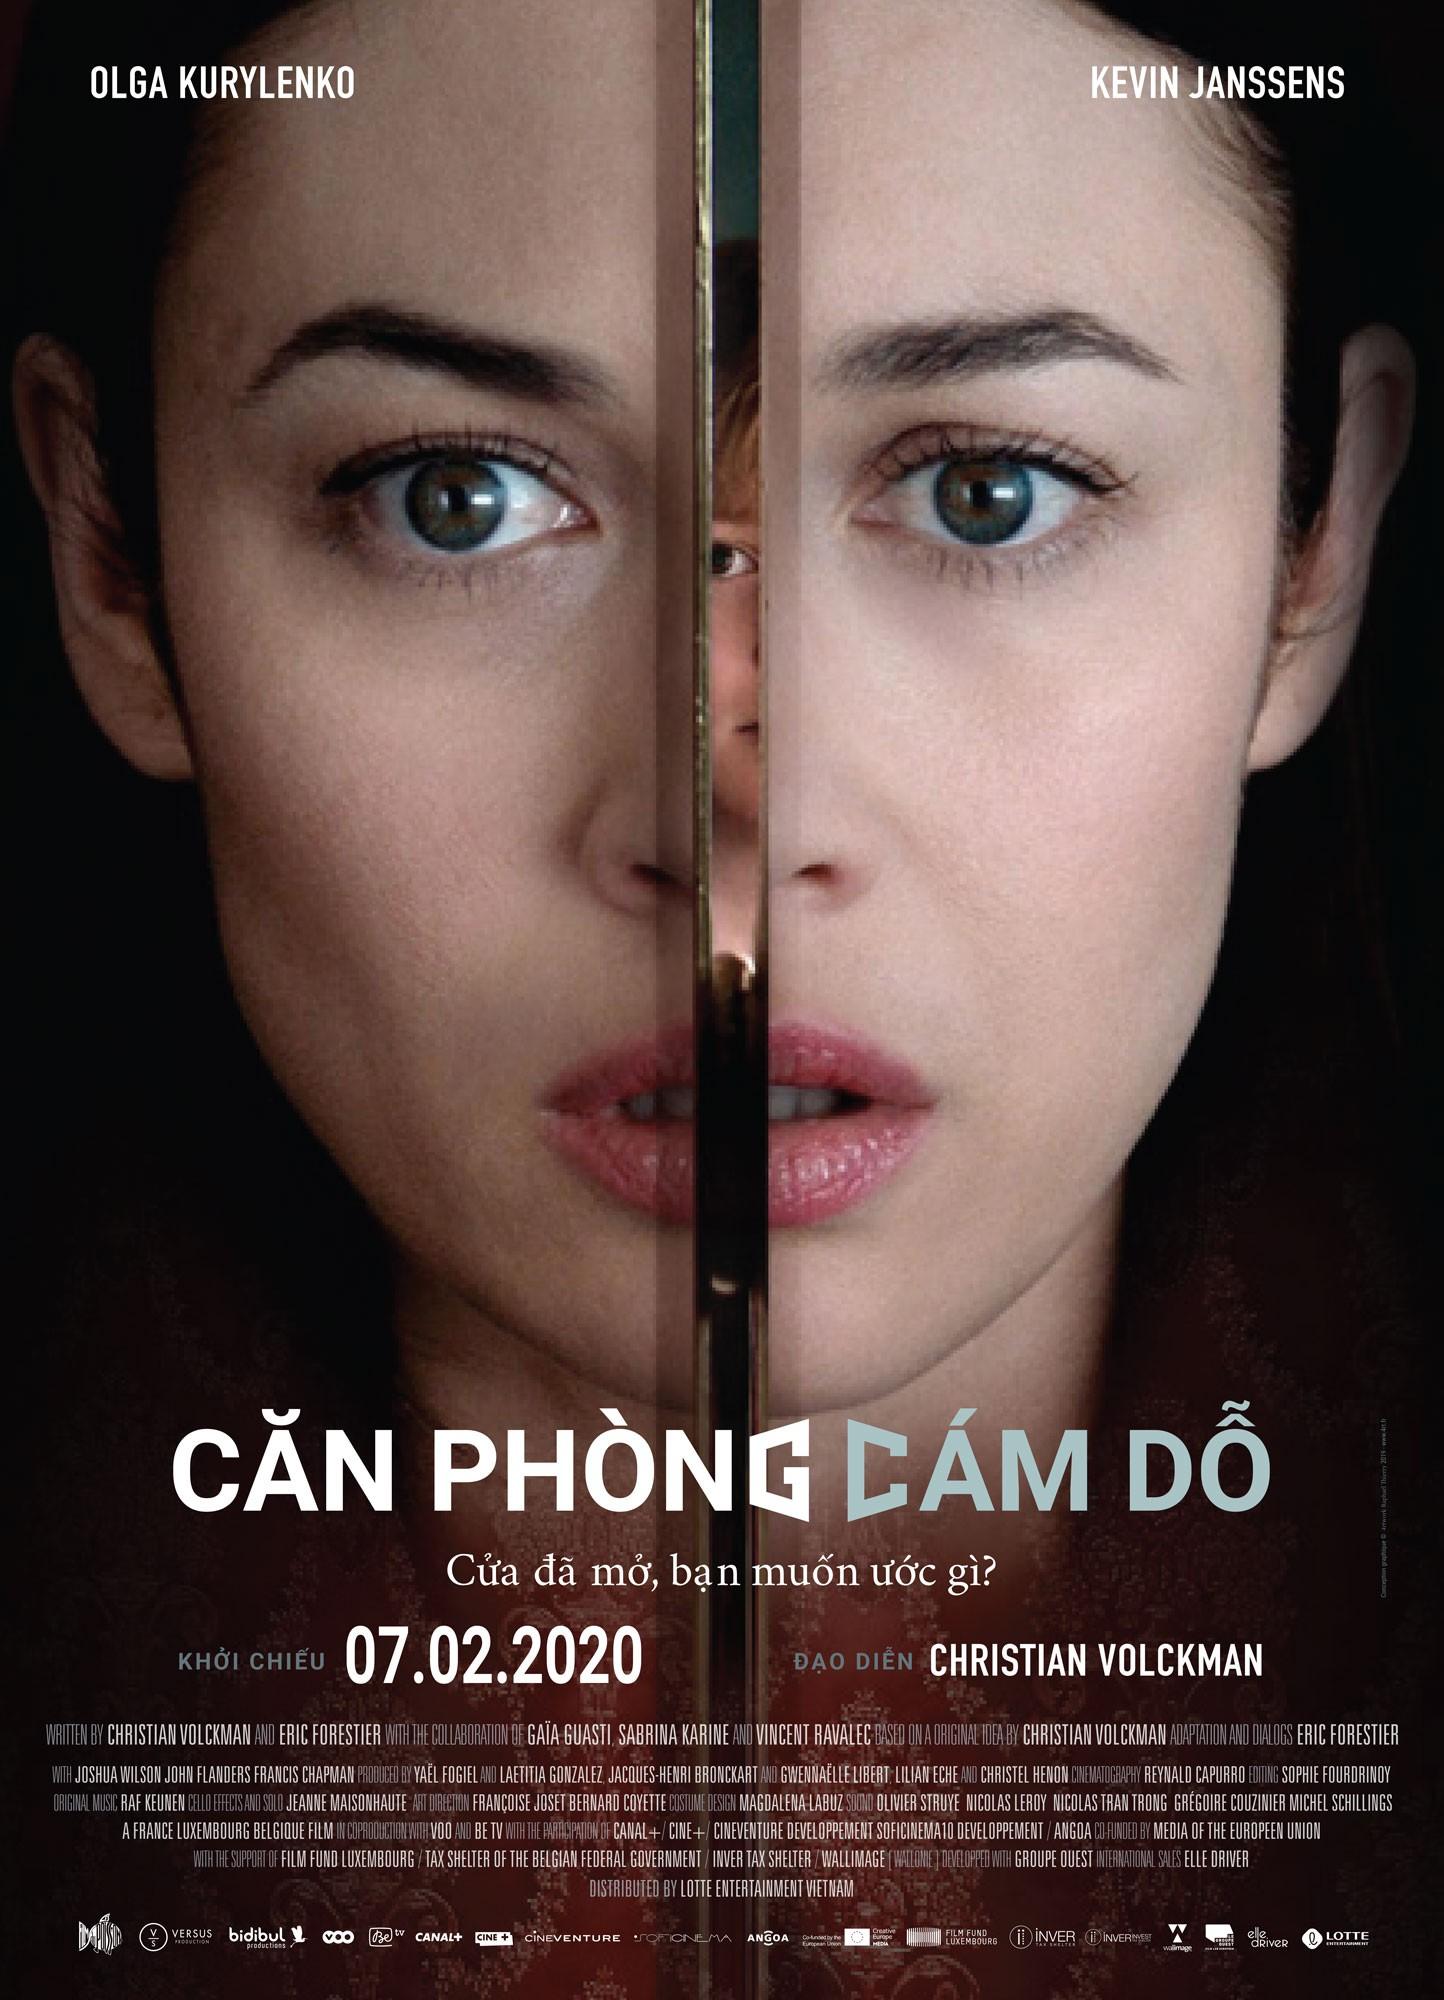 287 - The Room 2020 - Căn Phòng Cám Dỗ